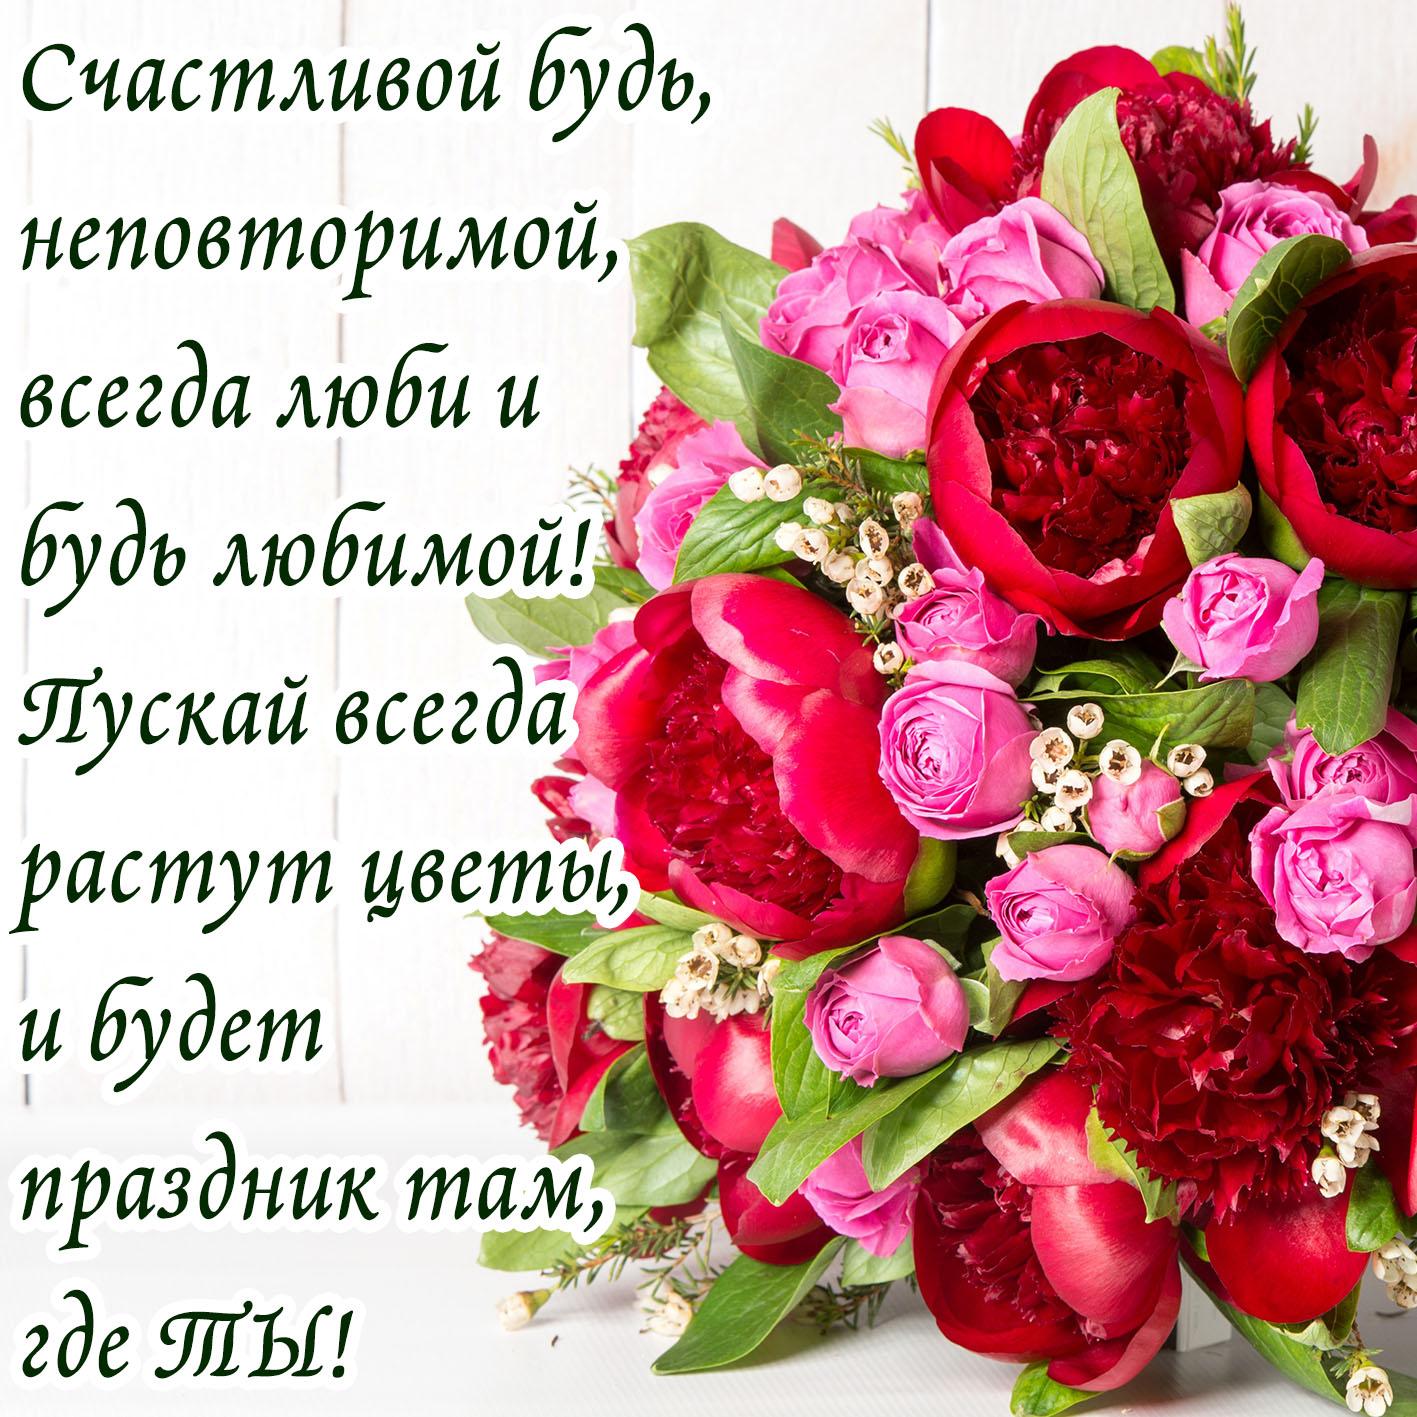 Открытка - яркий букет цветов и доброе пожелание